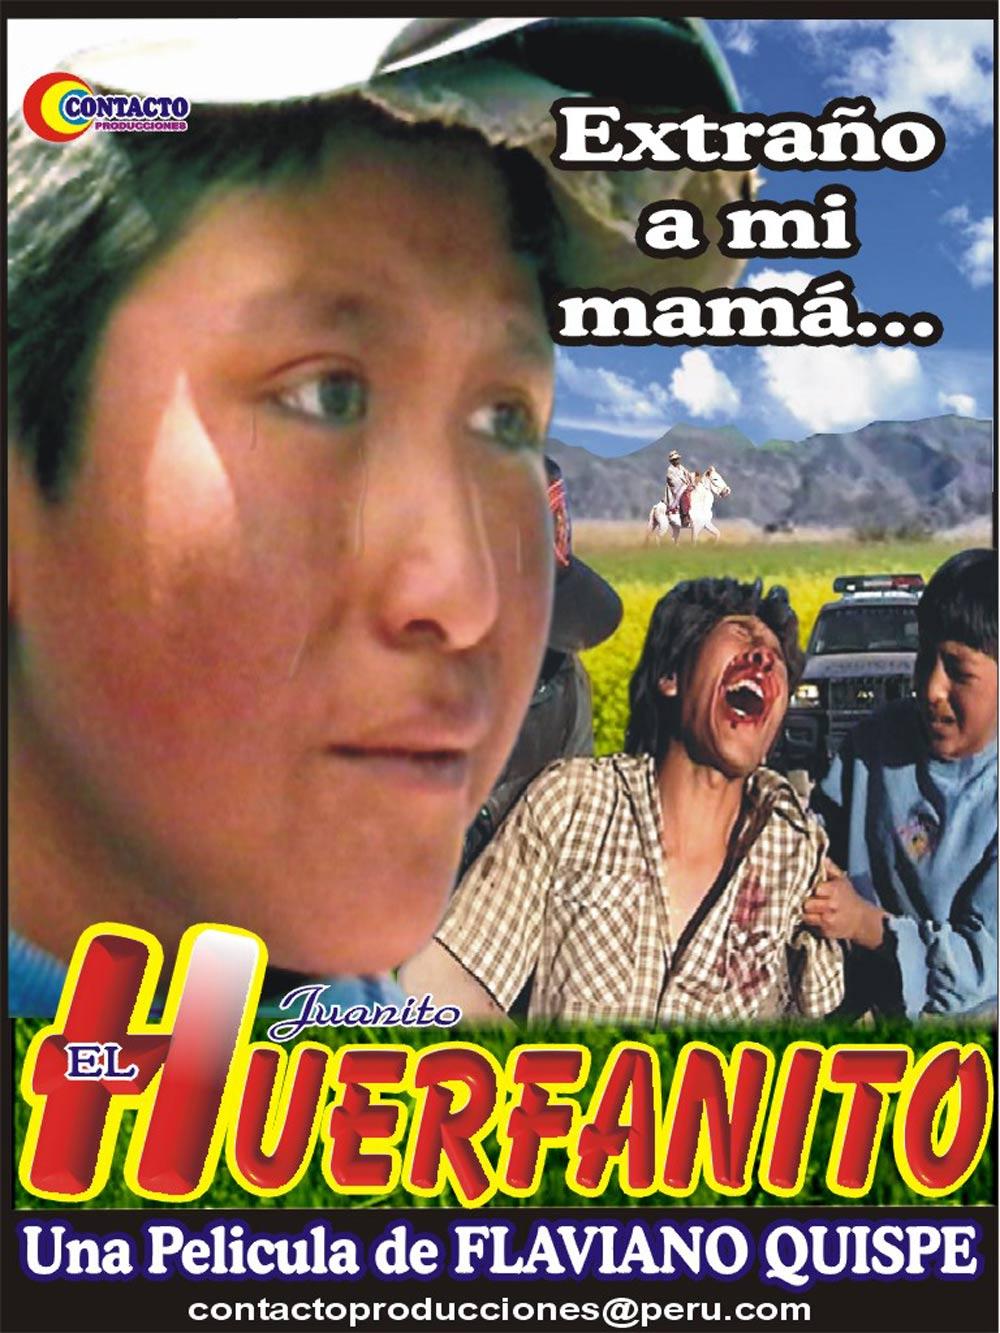 Juanito el Huerfanito de Flaviano Quispe